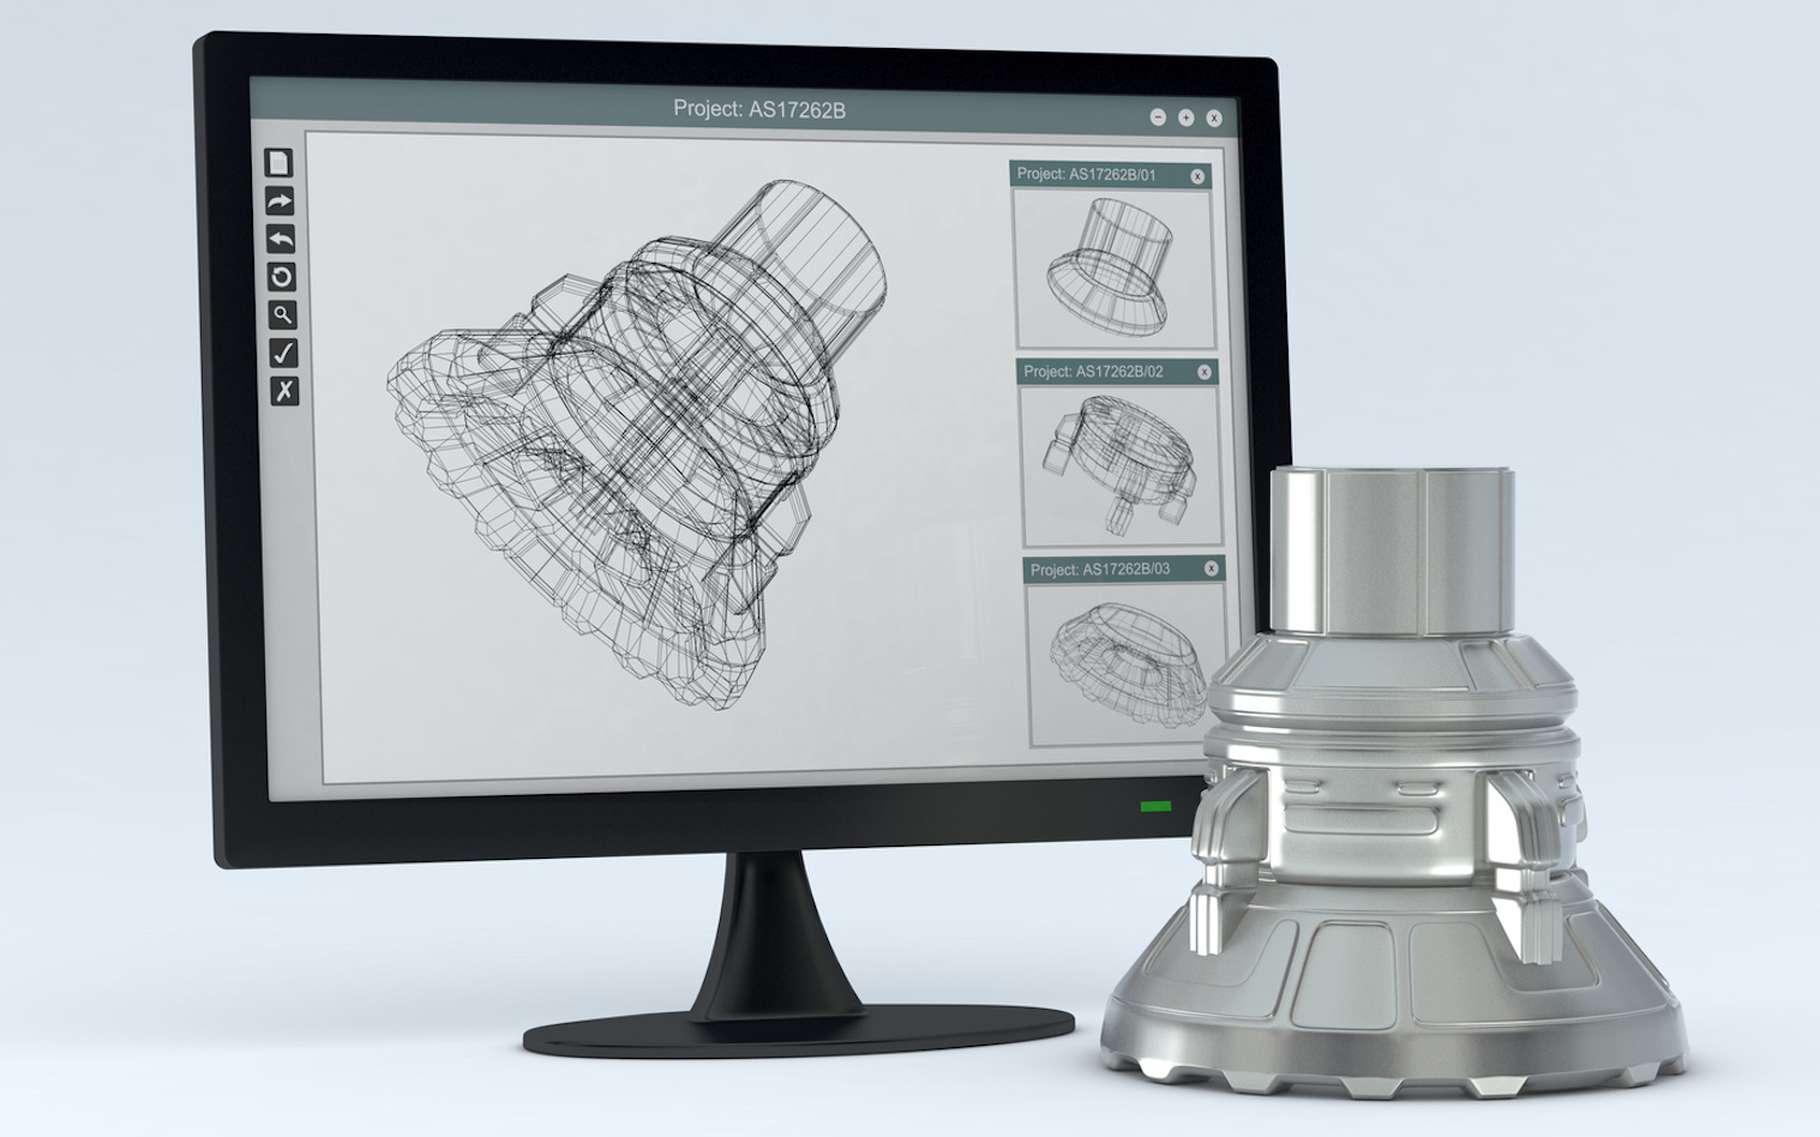 Le principe du prototypage rapide : fabriquer rapidement des modèles de pièces à partir de données conçues en 3D par ordinateur. Différentes techniques peuvent être mobilisées pour répondre aux besoins particuliers des ingénieurs et des designers. © lucadp, Fotolia